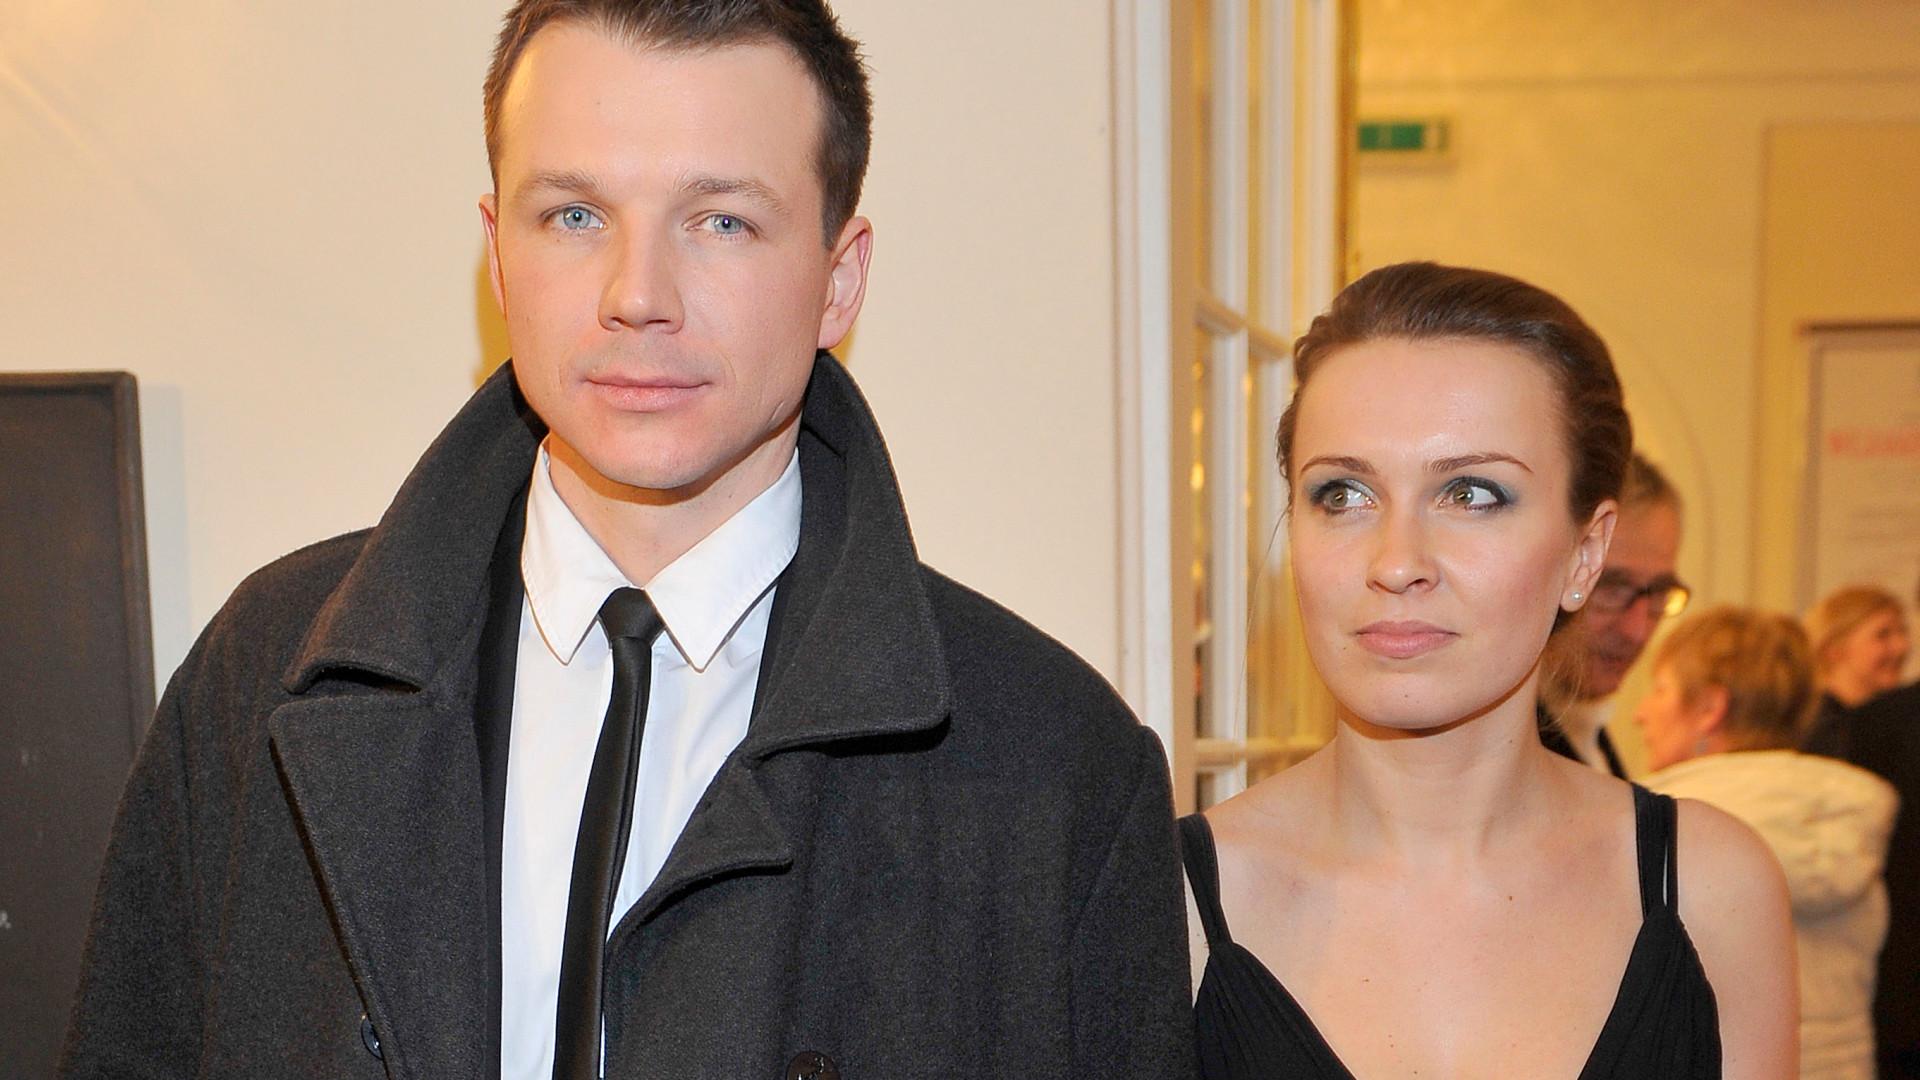 Lesław Żurek komentuje na Instagramie plotki o rozstaniu z żoną